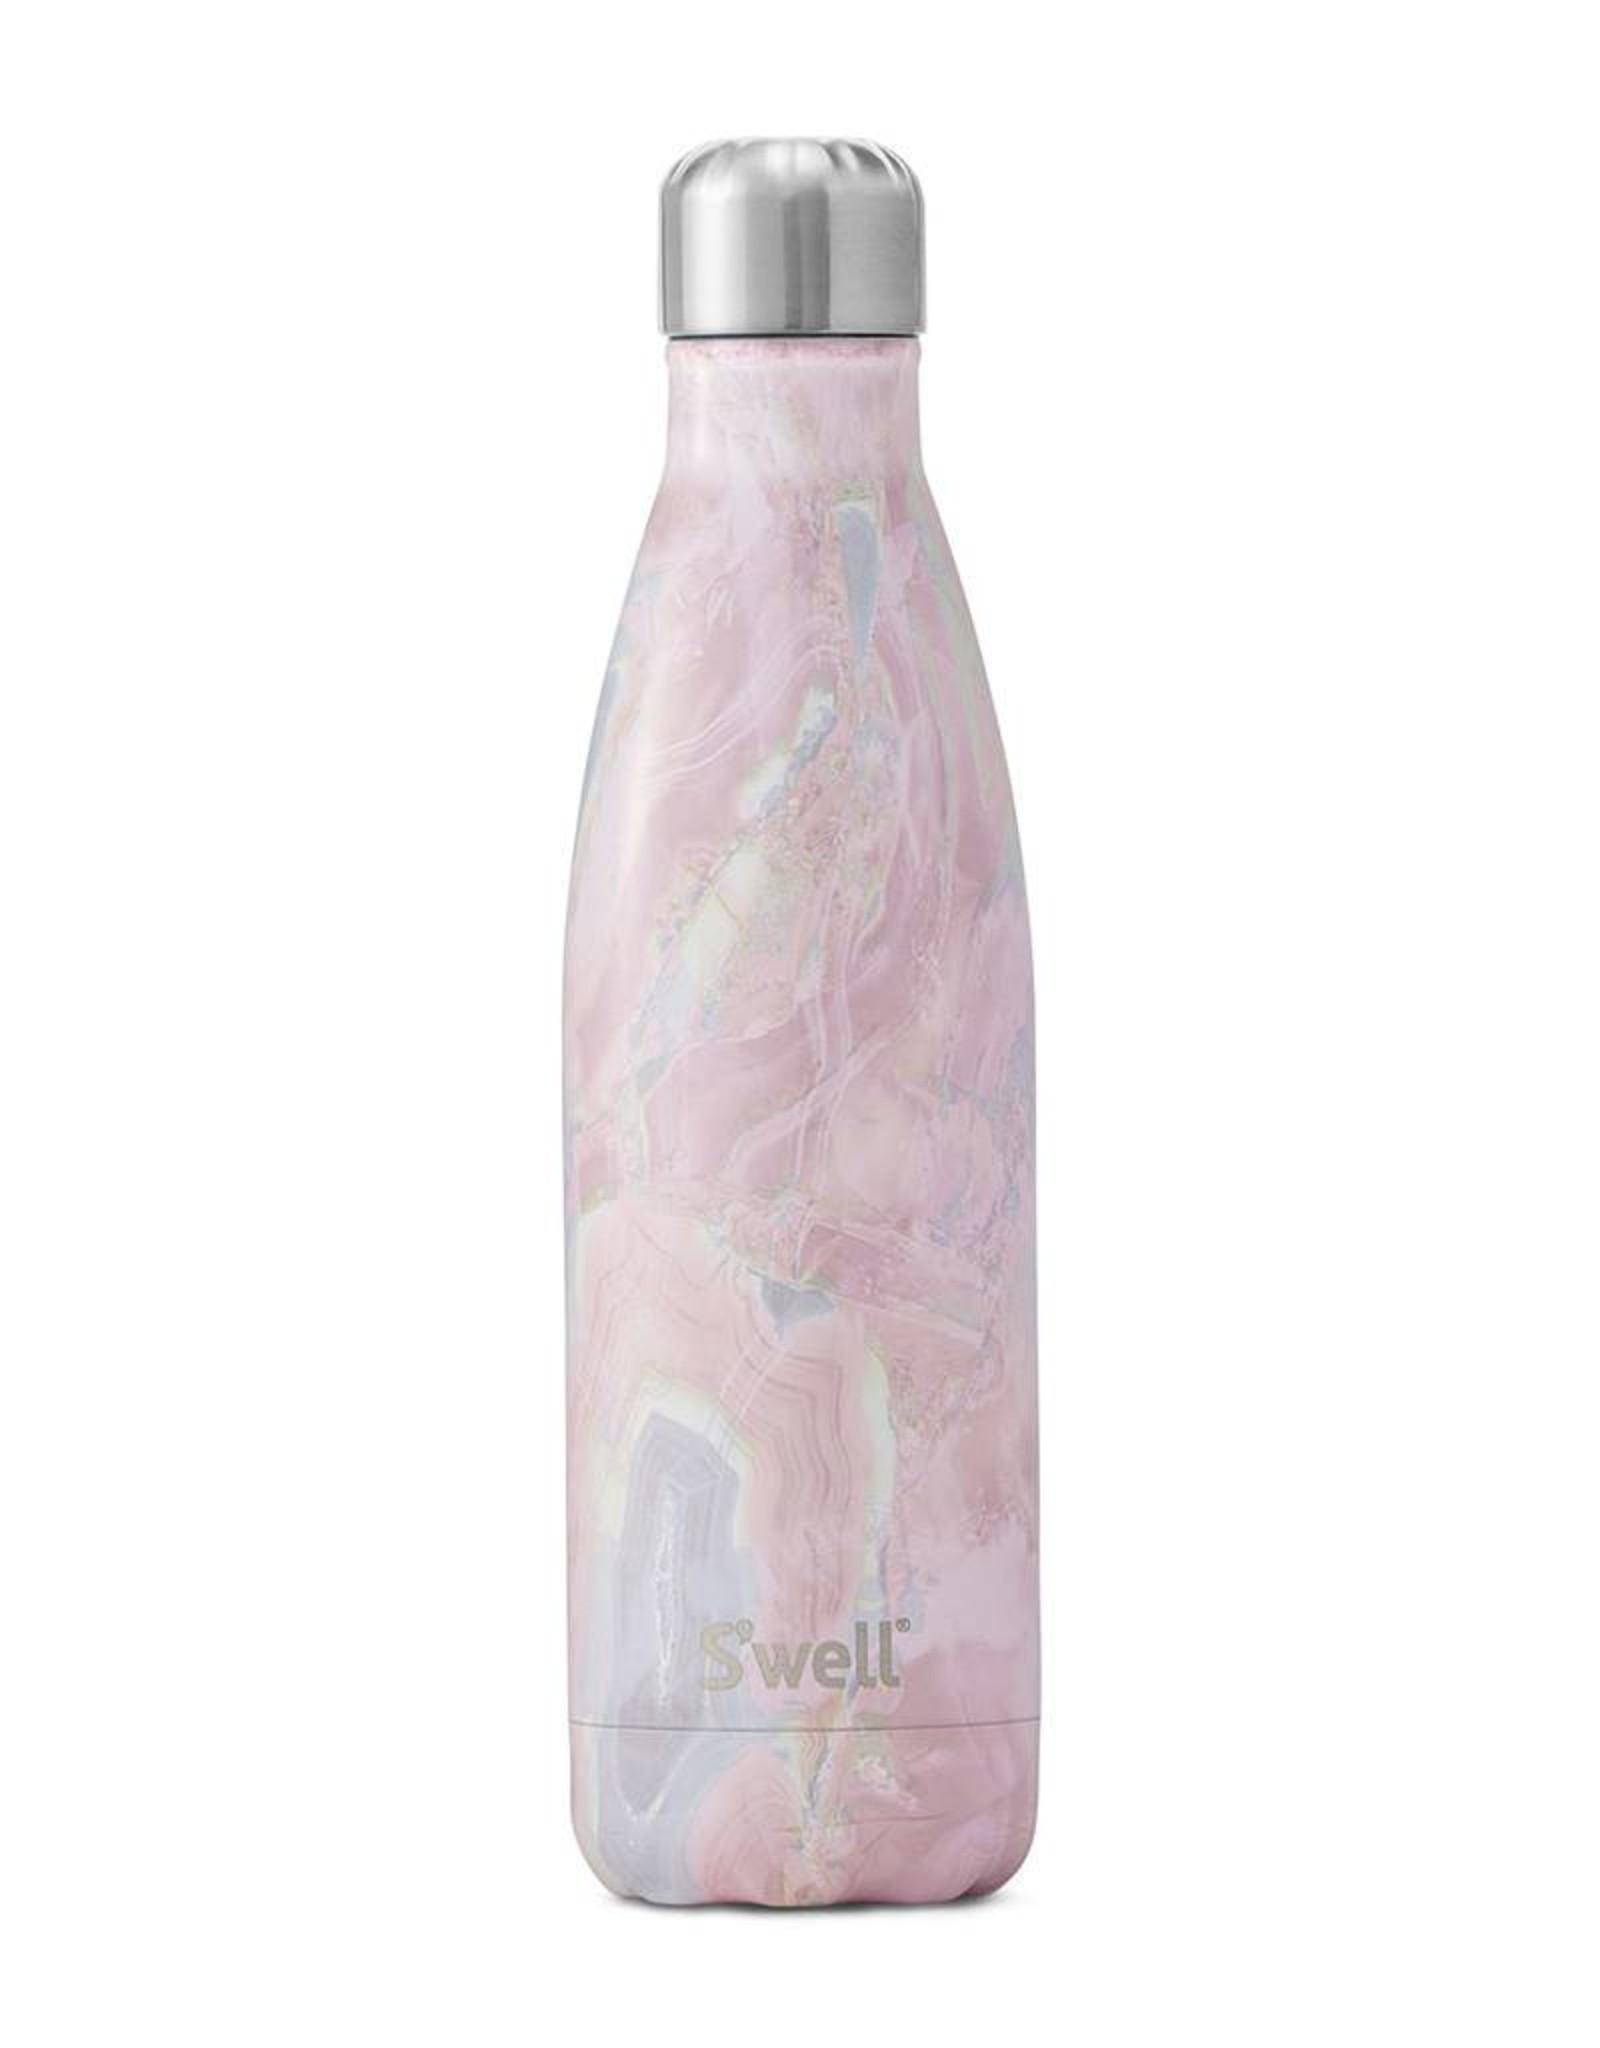 S'well Geode Rose - 25 oz. Bottle